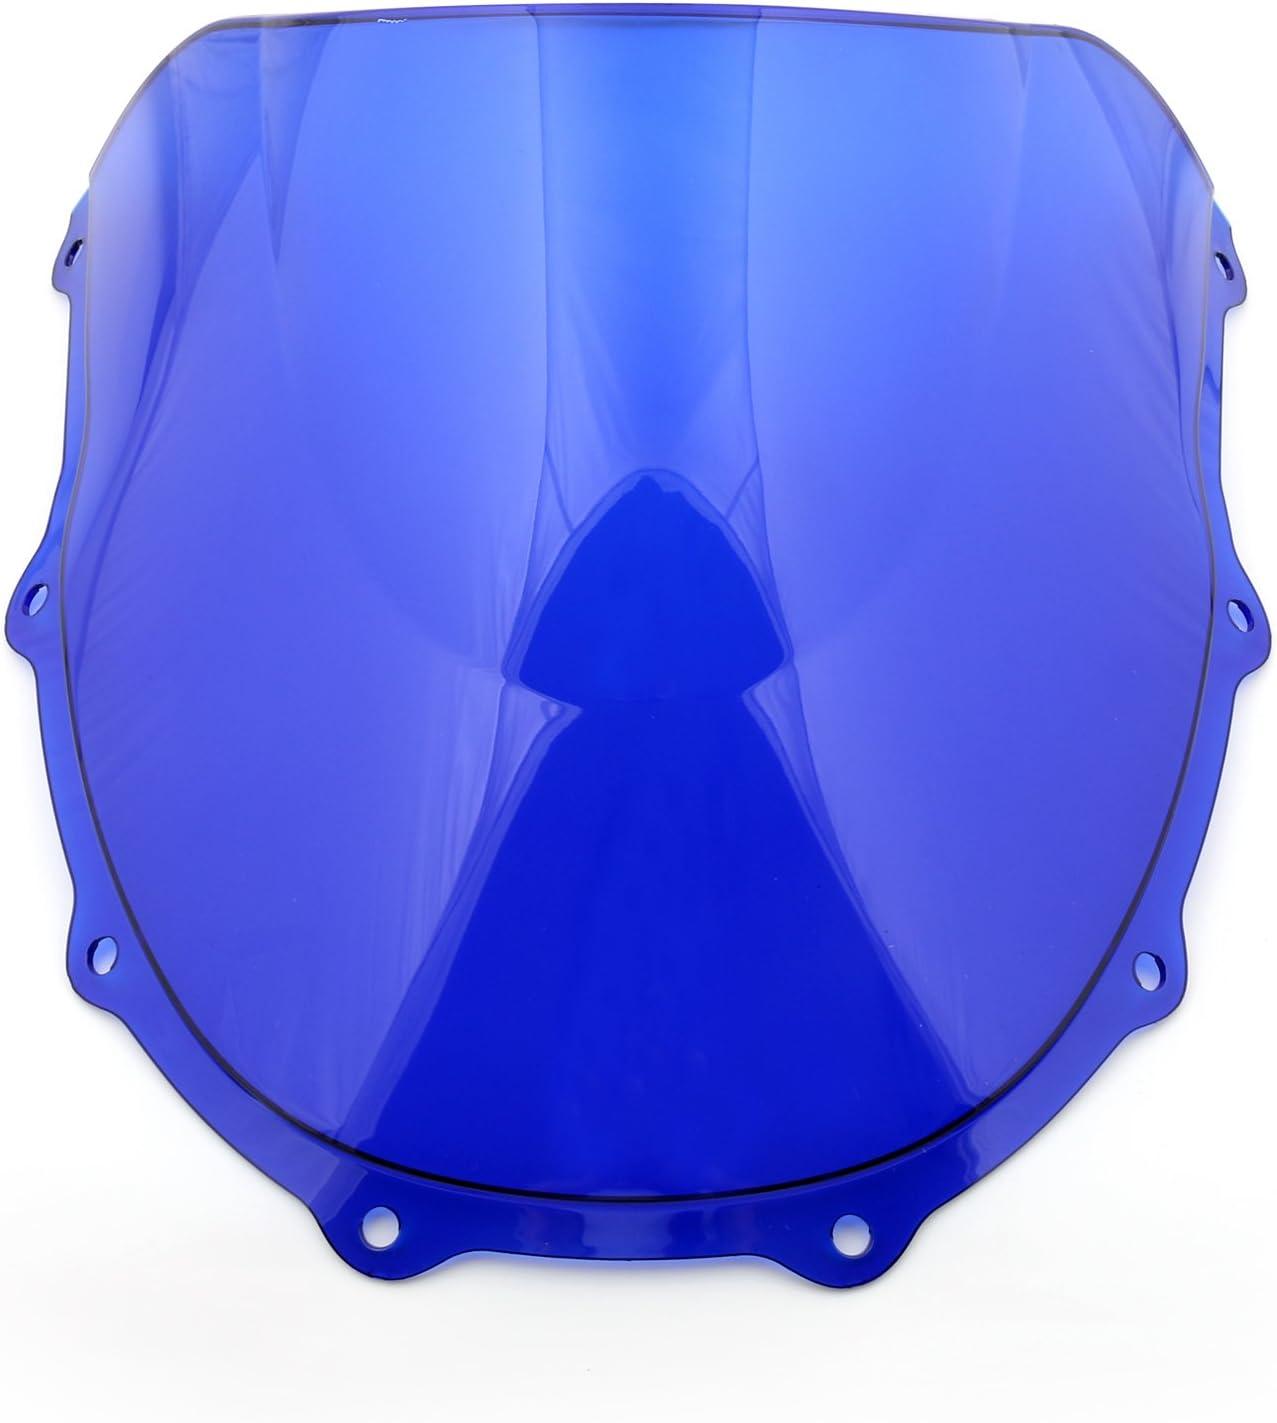 Artudatech Parabrezza per moto anteriore per K-A-W-A-S-A-K-I Ninja ZX7R ZX 7R 1996-2003